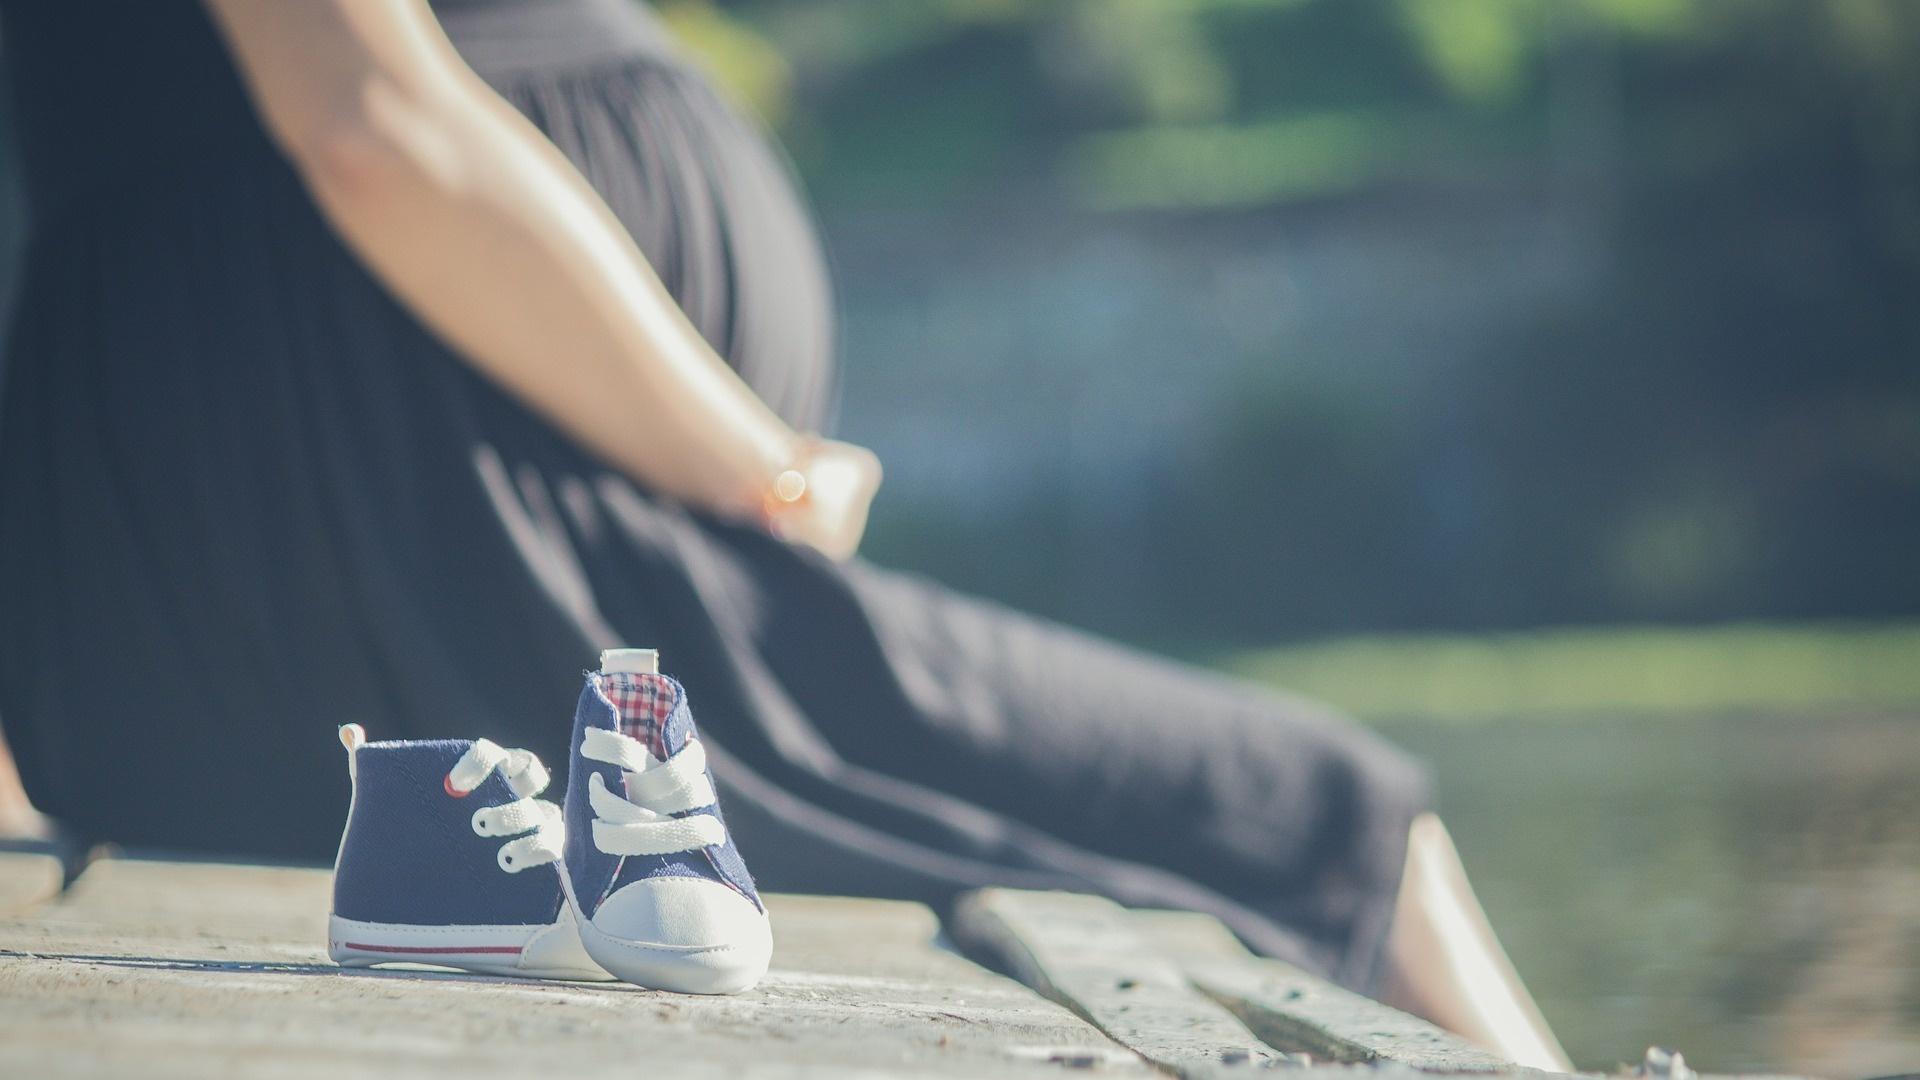 Wochenbett-Checkliste - Tipps für die Zeit nach der Geburt